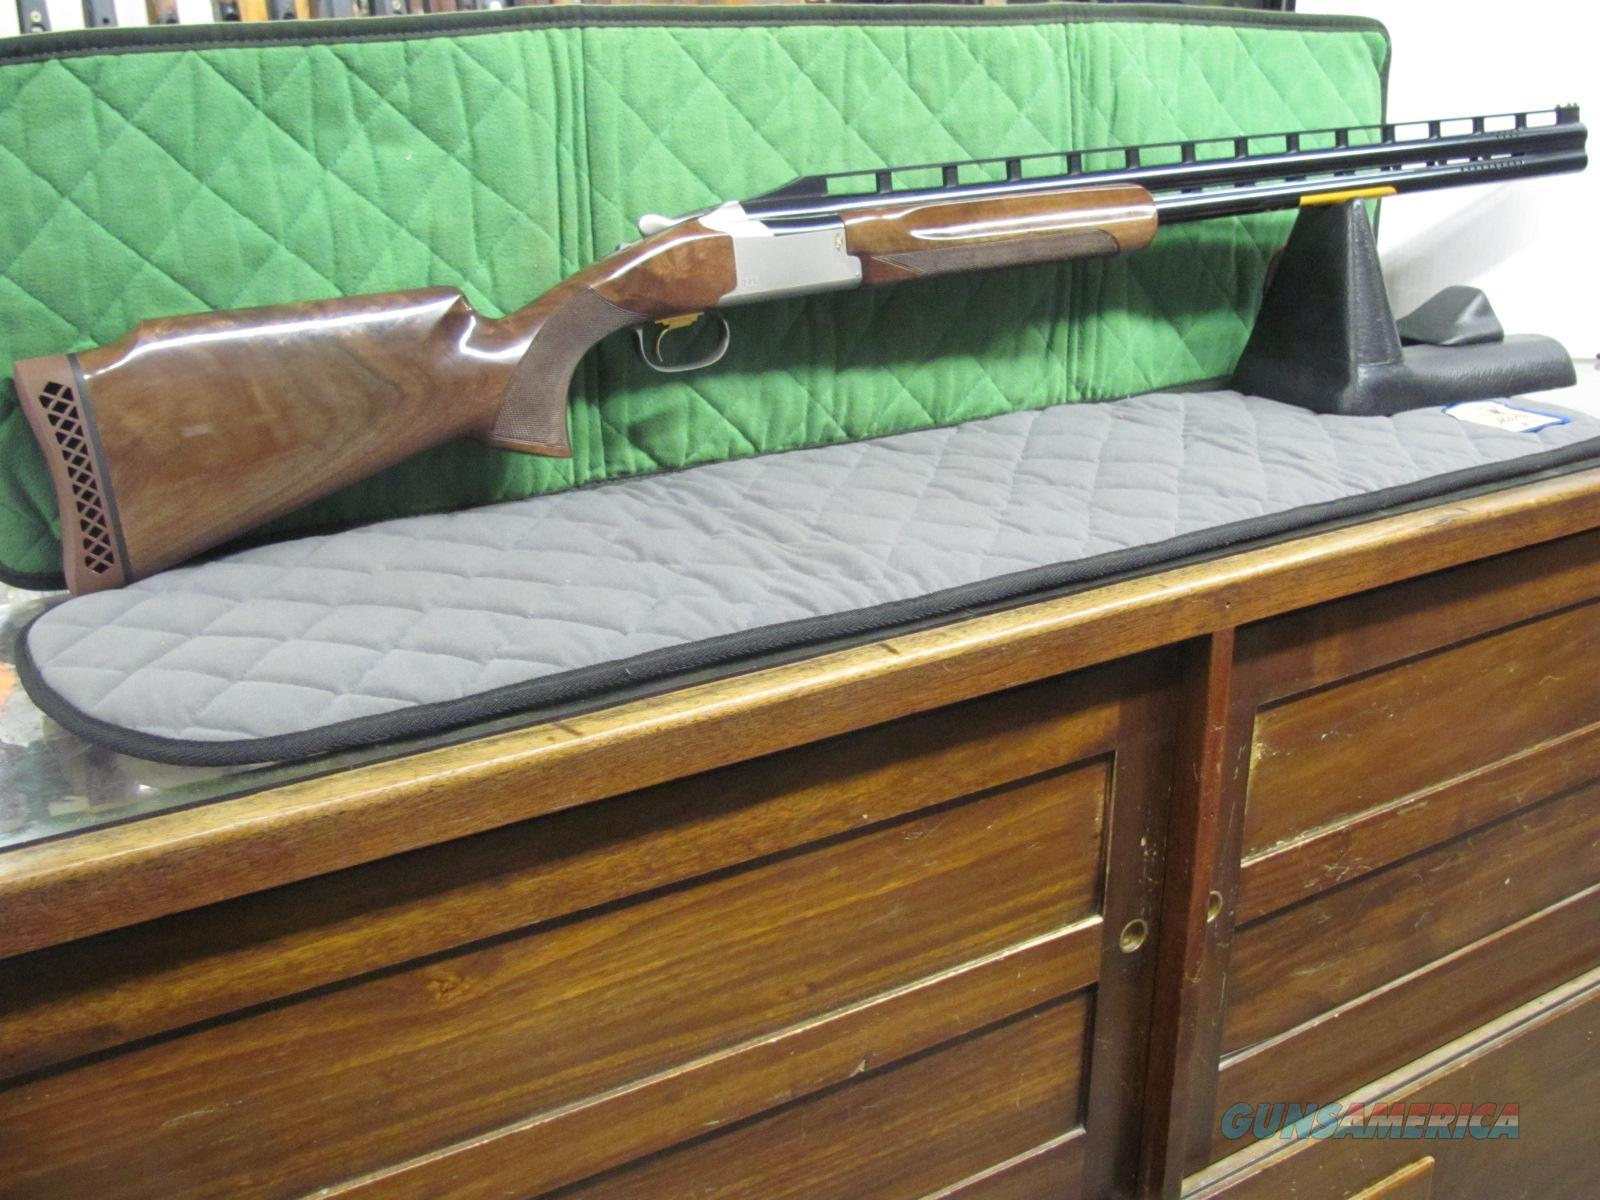 Browning Citori 725 Trap 12 ga 32 Inch w/ Monte Carlo  **NEW** 0135793009  Guns > Shotguns > Browning Shotguns > Over Unders > Citori > Trap/Skeet